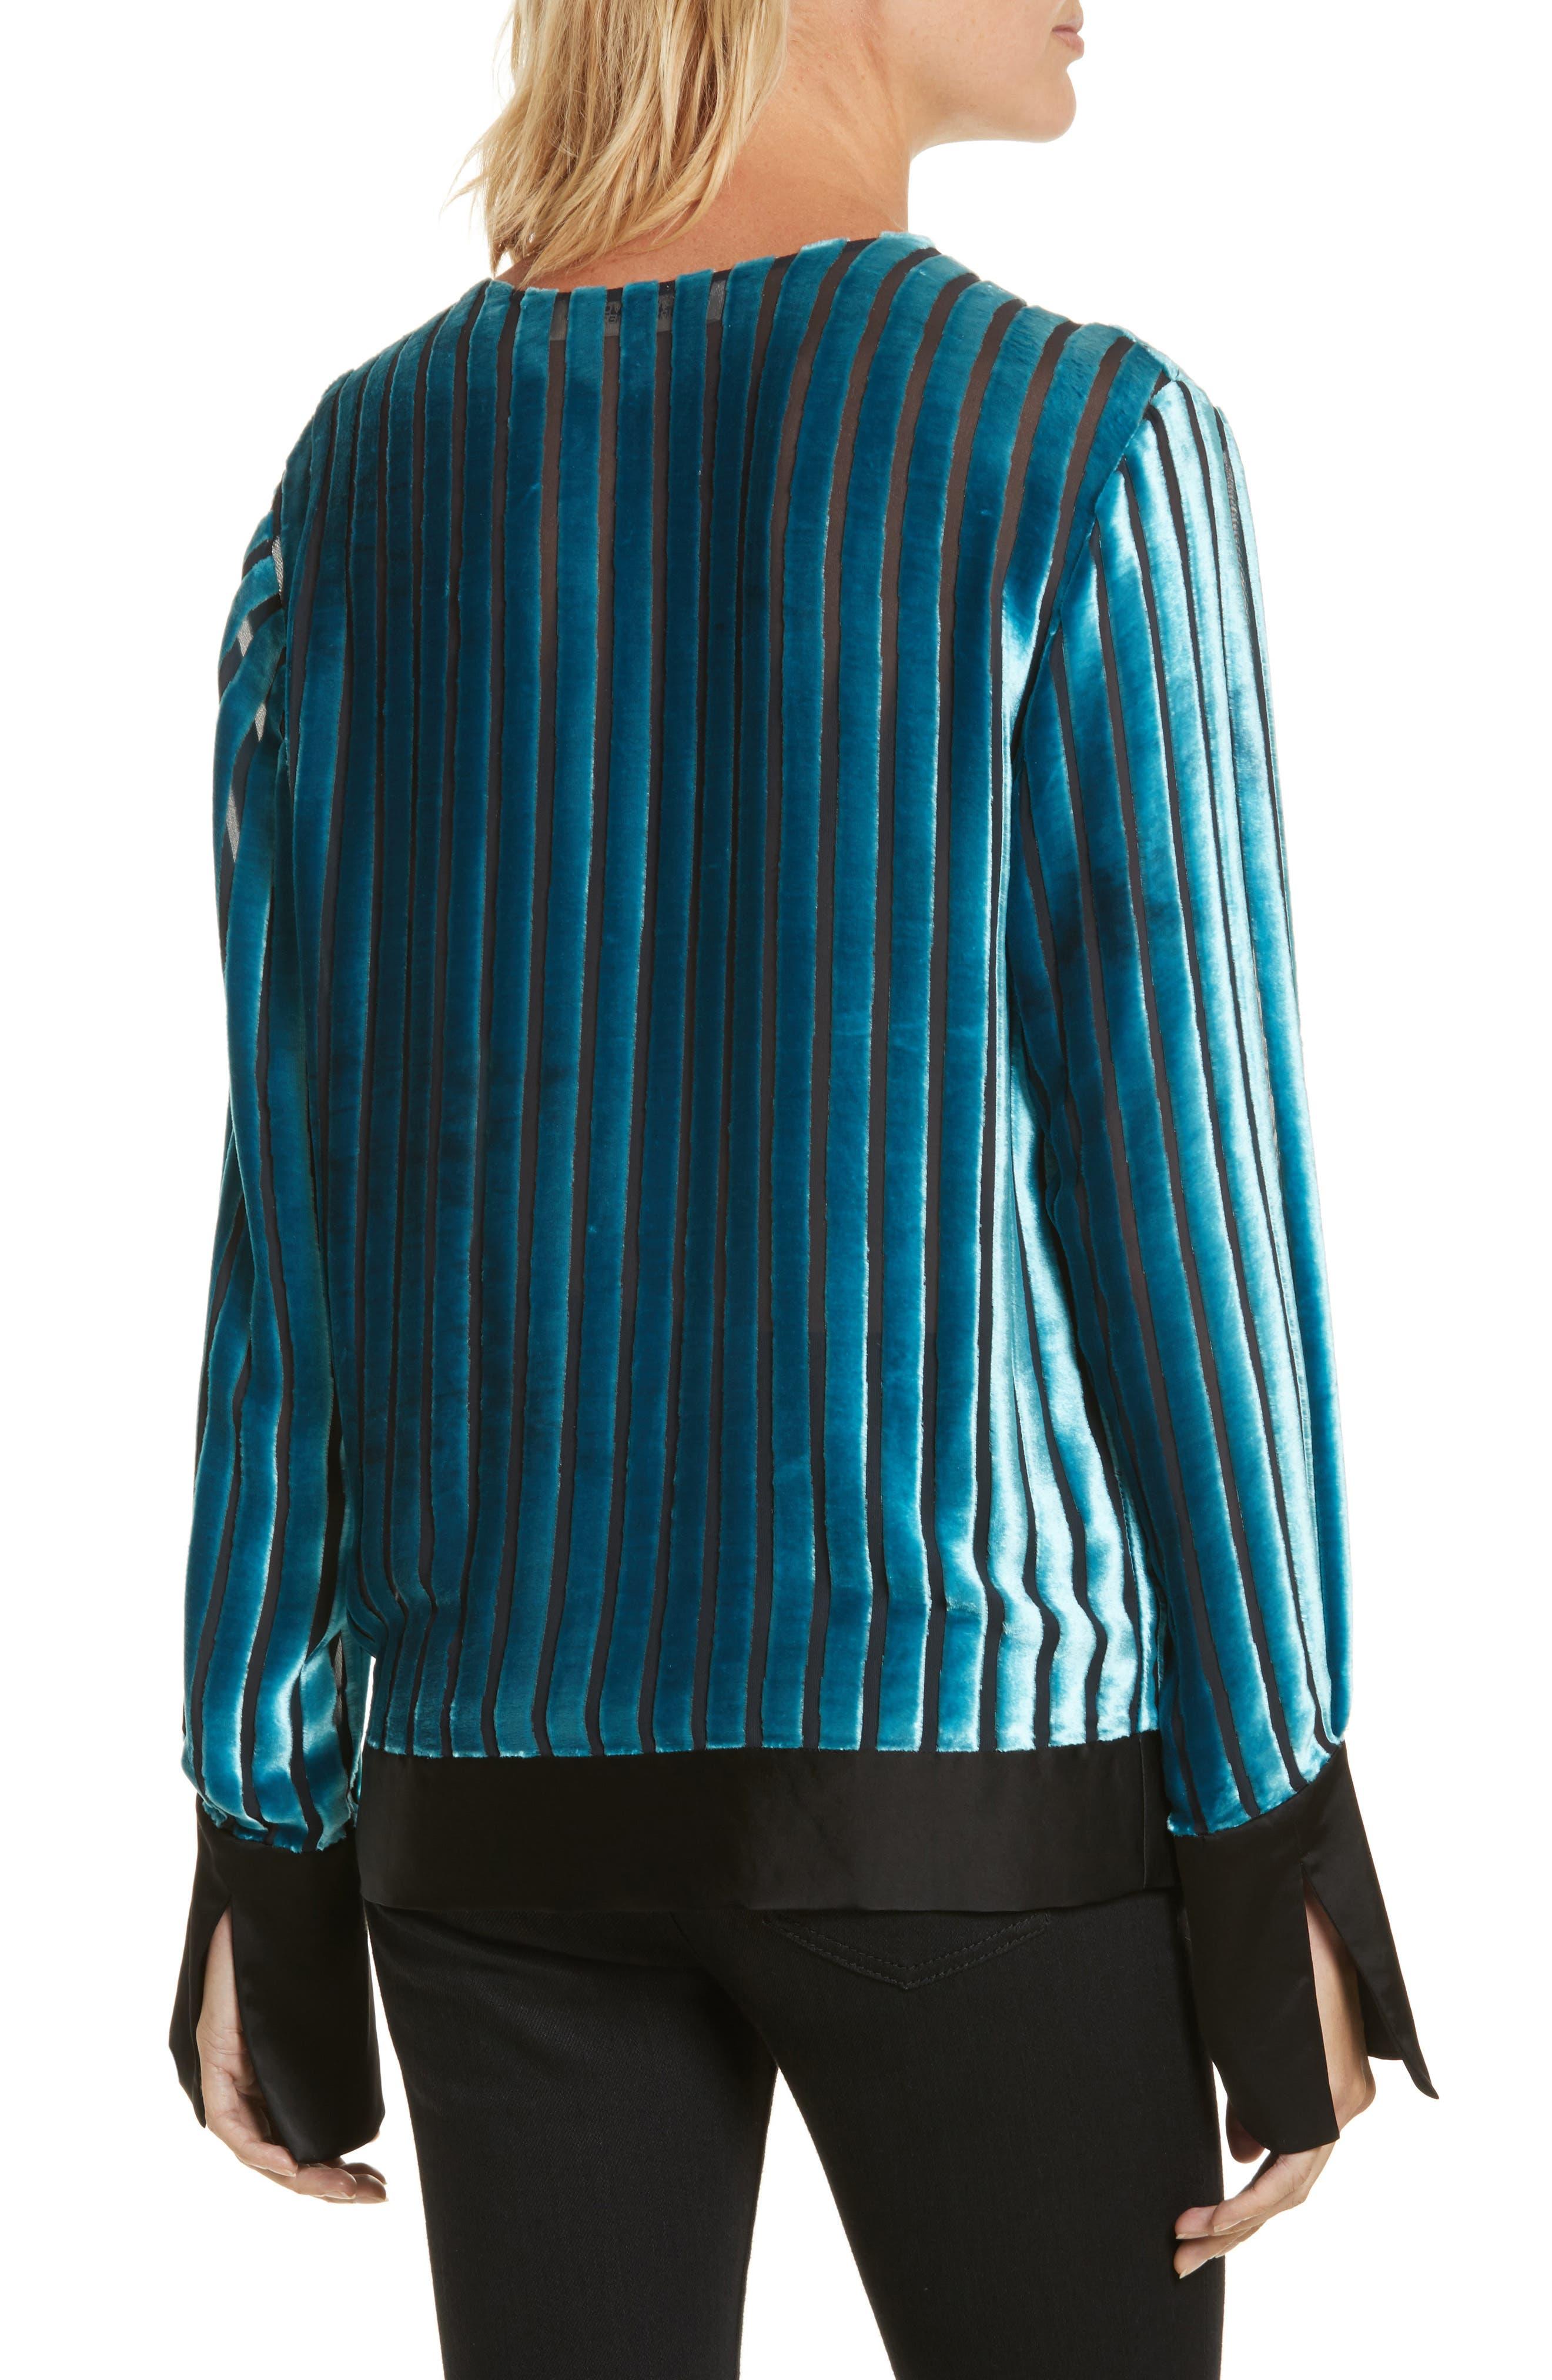 Diane von Furstenberg Velvet Stripe Blouse,                             Alternate thumbnail 2, color,                             Black/ Marine